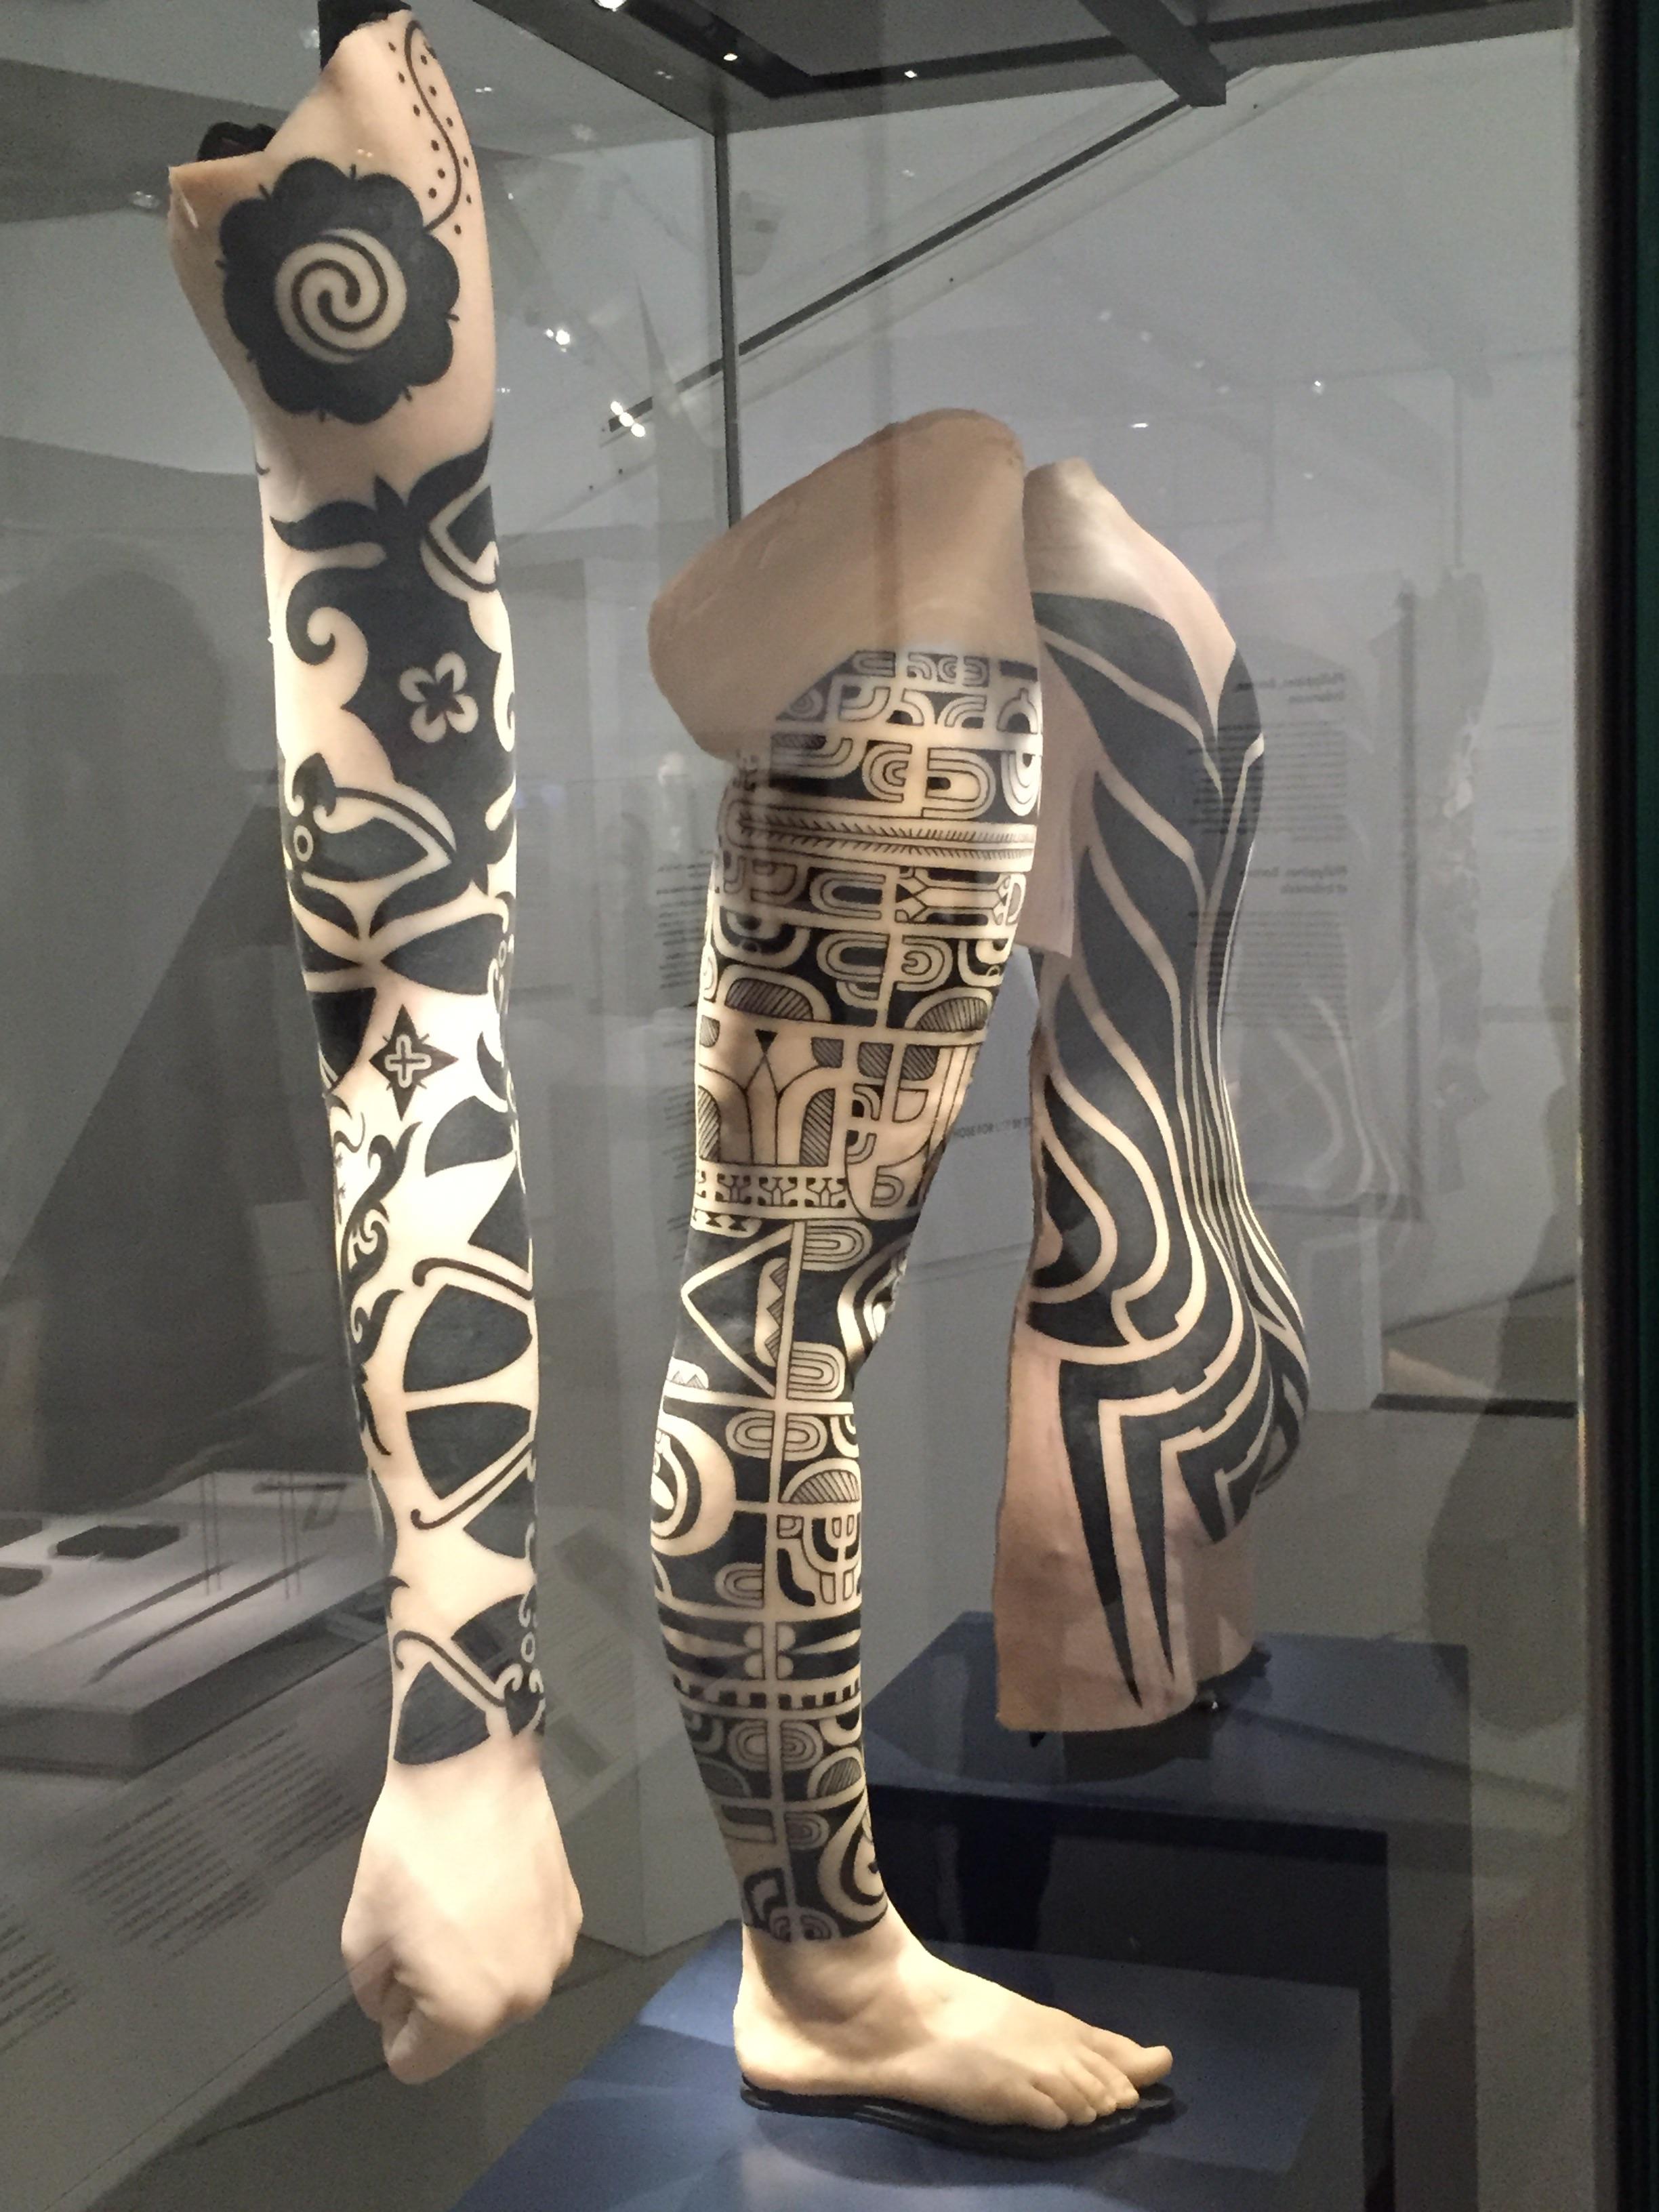 image 25 Другая SOVA ROM, tatoo, выставка, идентификация, искусство, Марк Джейкобс, одержимость, ритуал, тату, татуировк, Тин-Тин